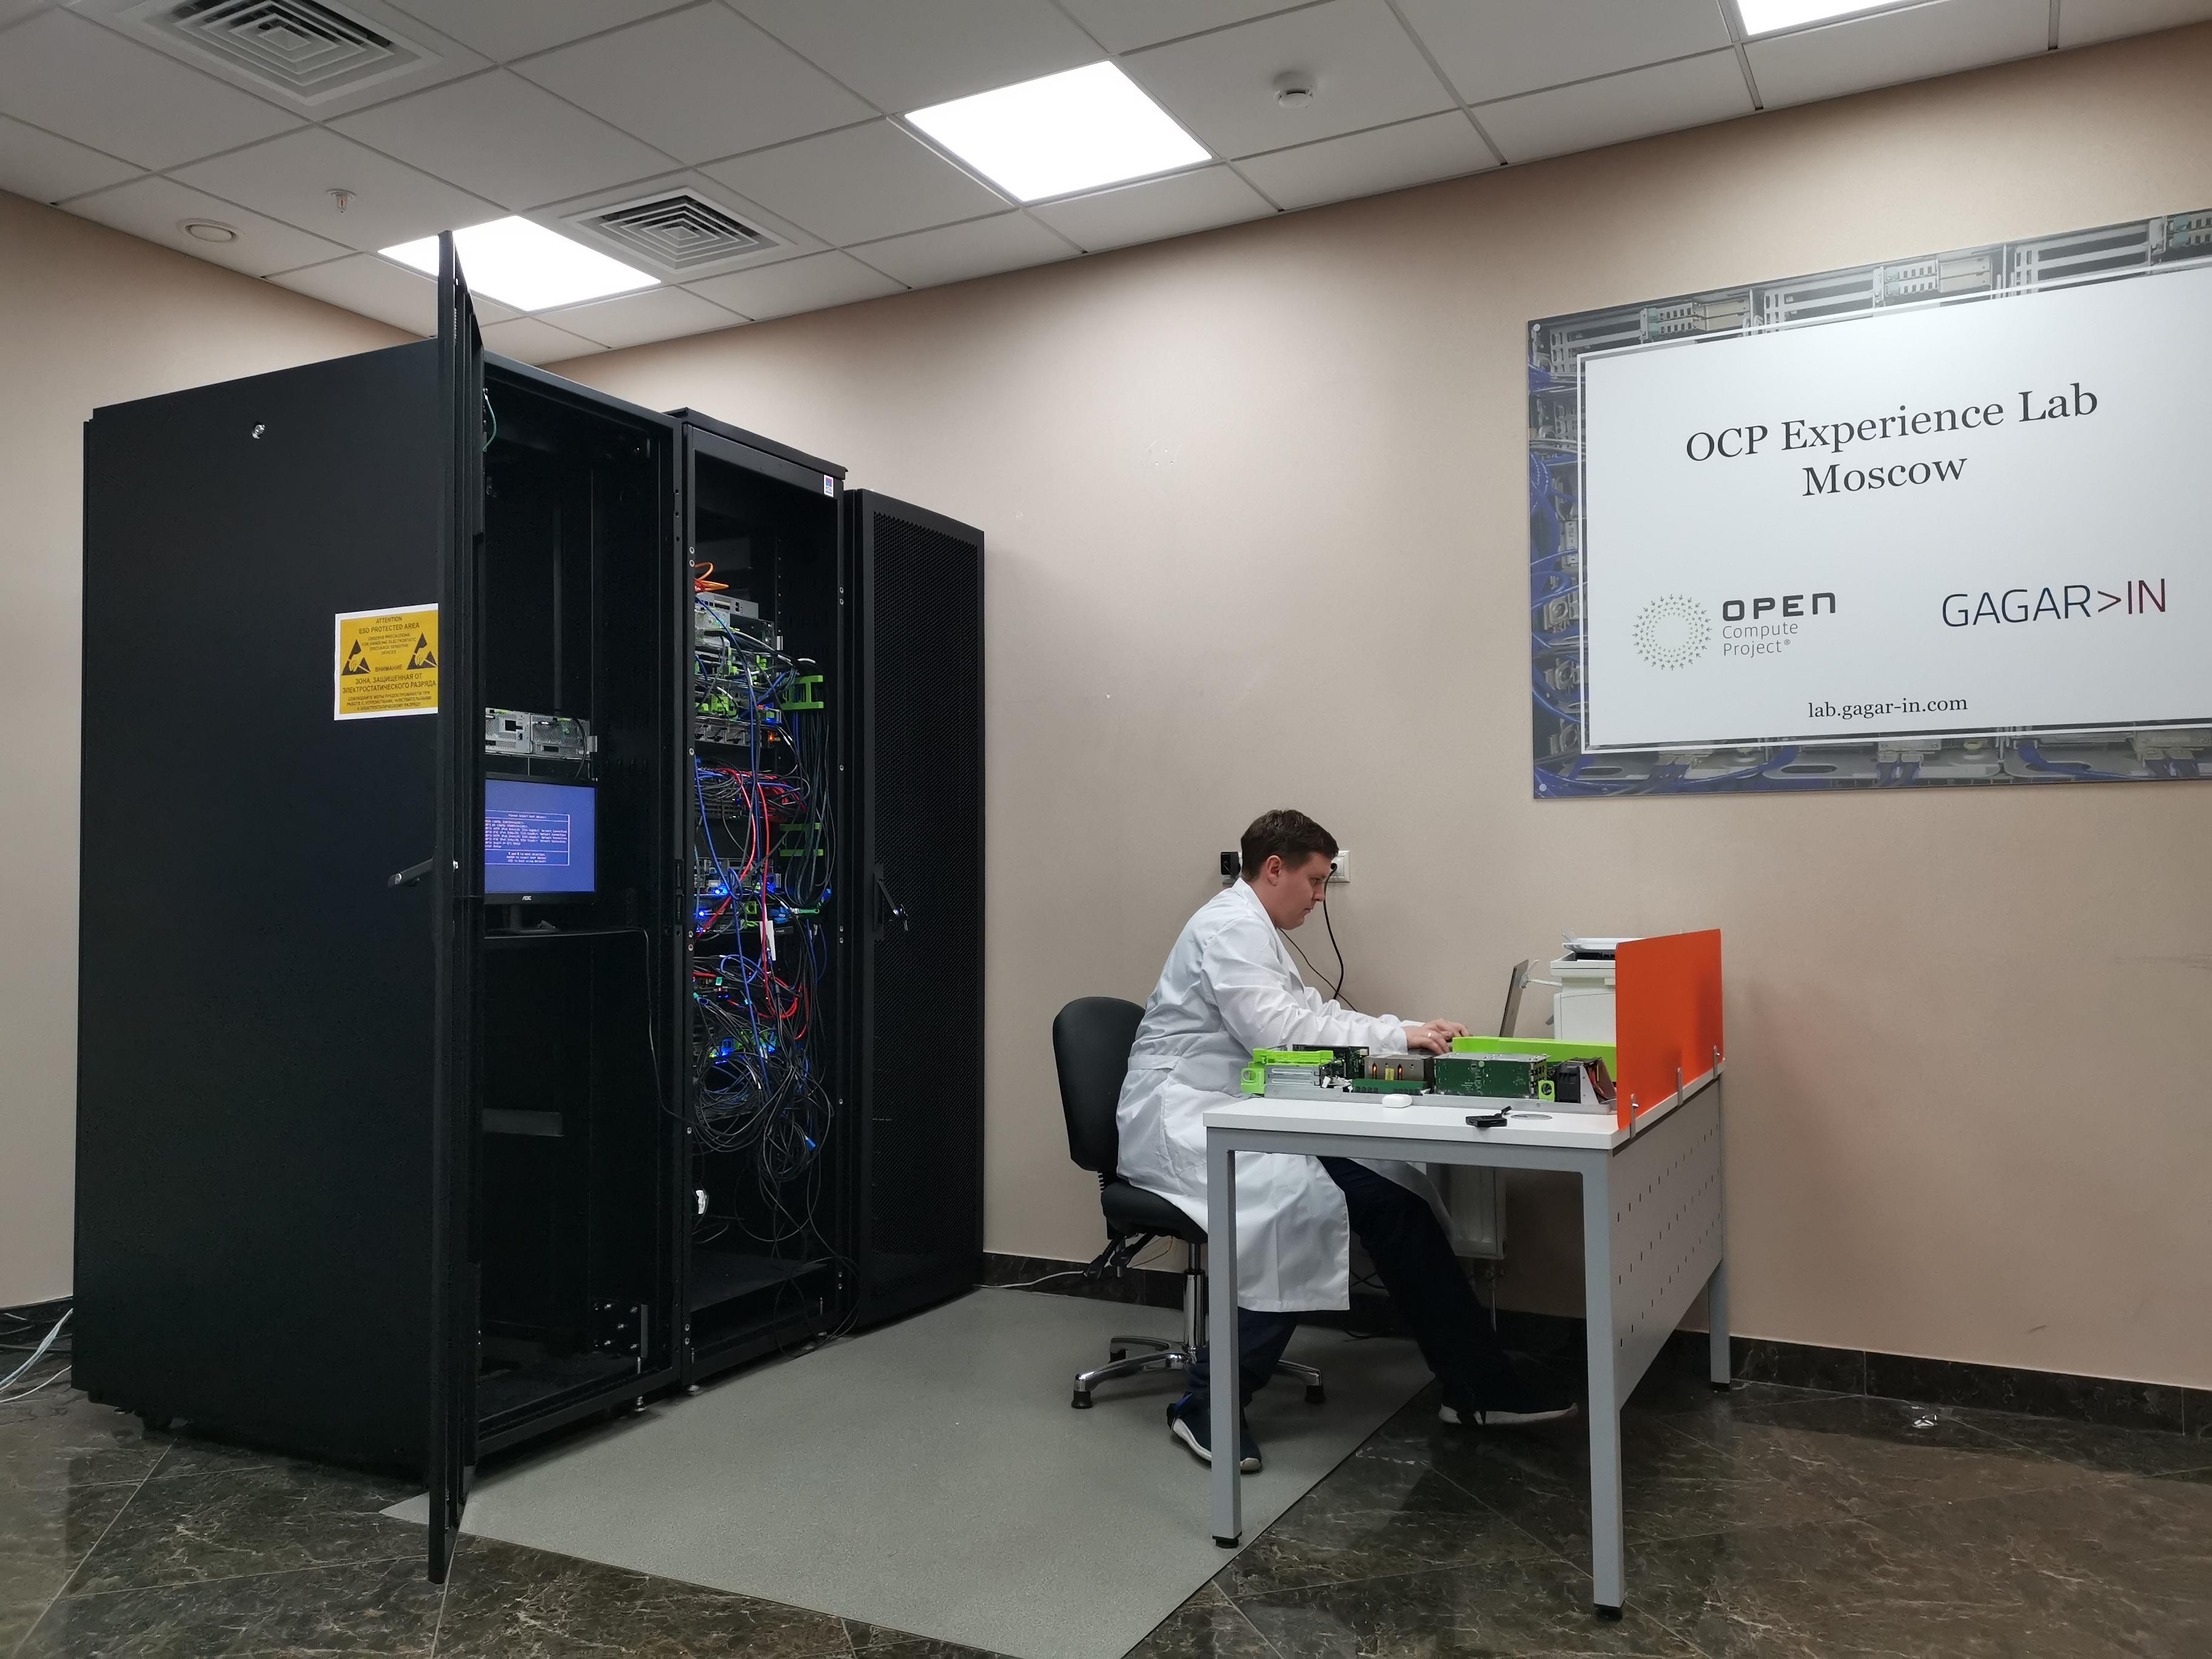 Три стойки, рабочий стол инженера и большой плакат - так выглядела наша лаборатория в сентябре 2020